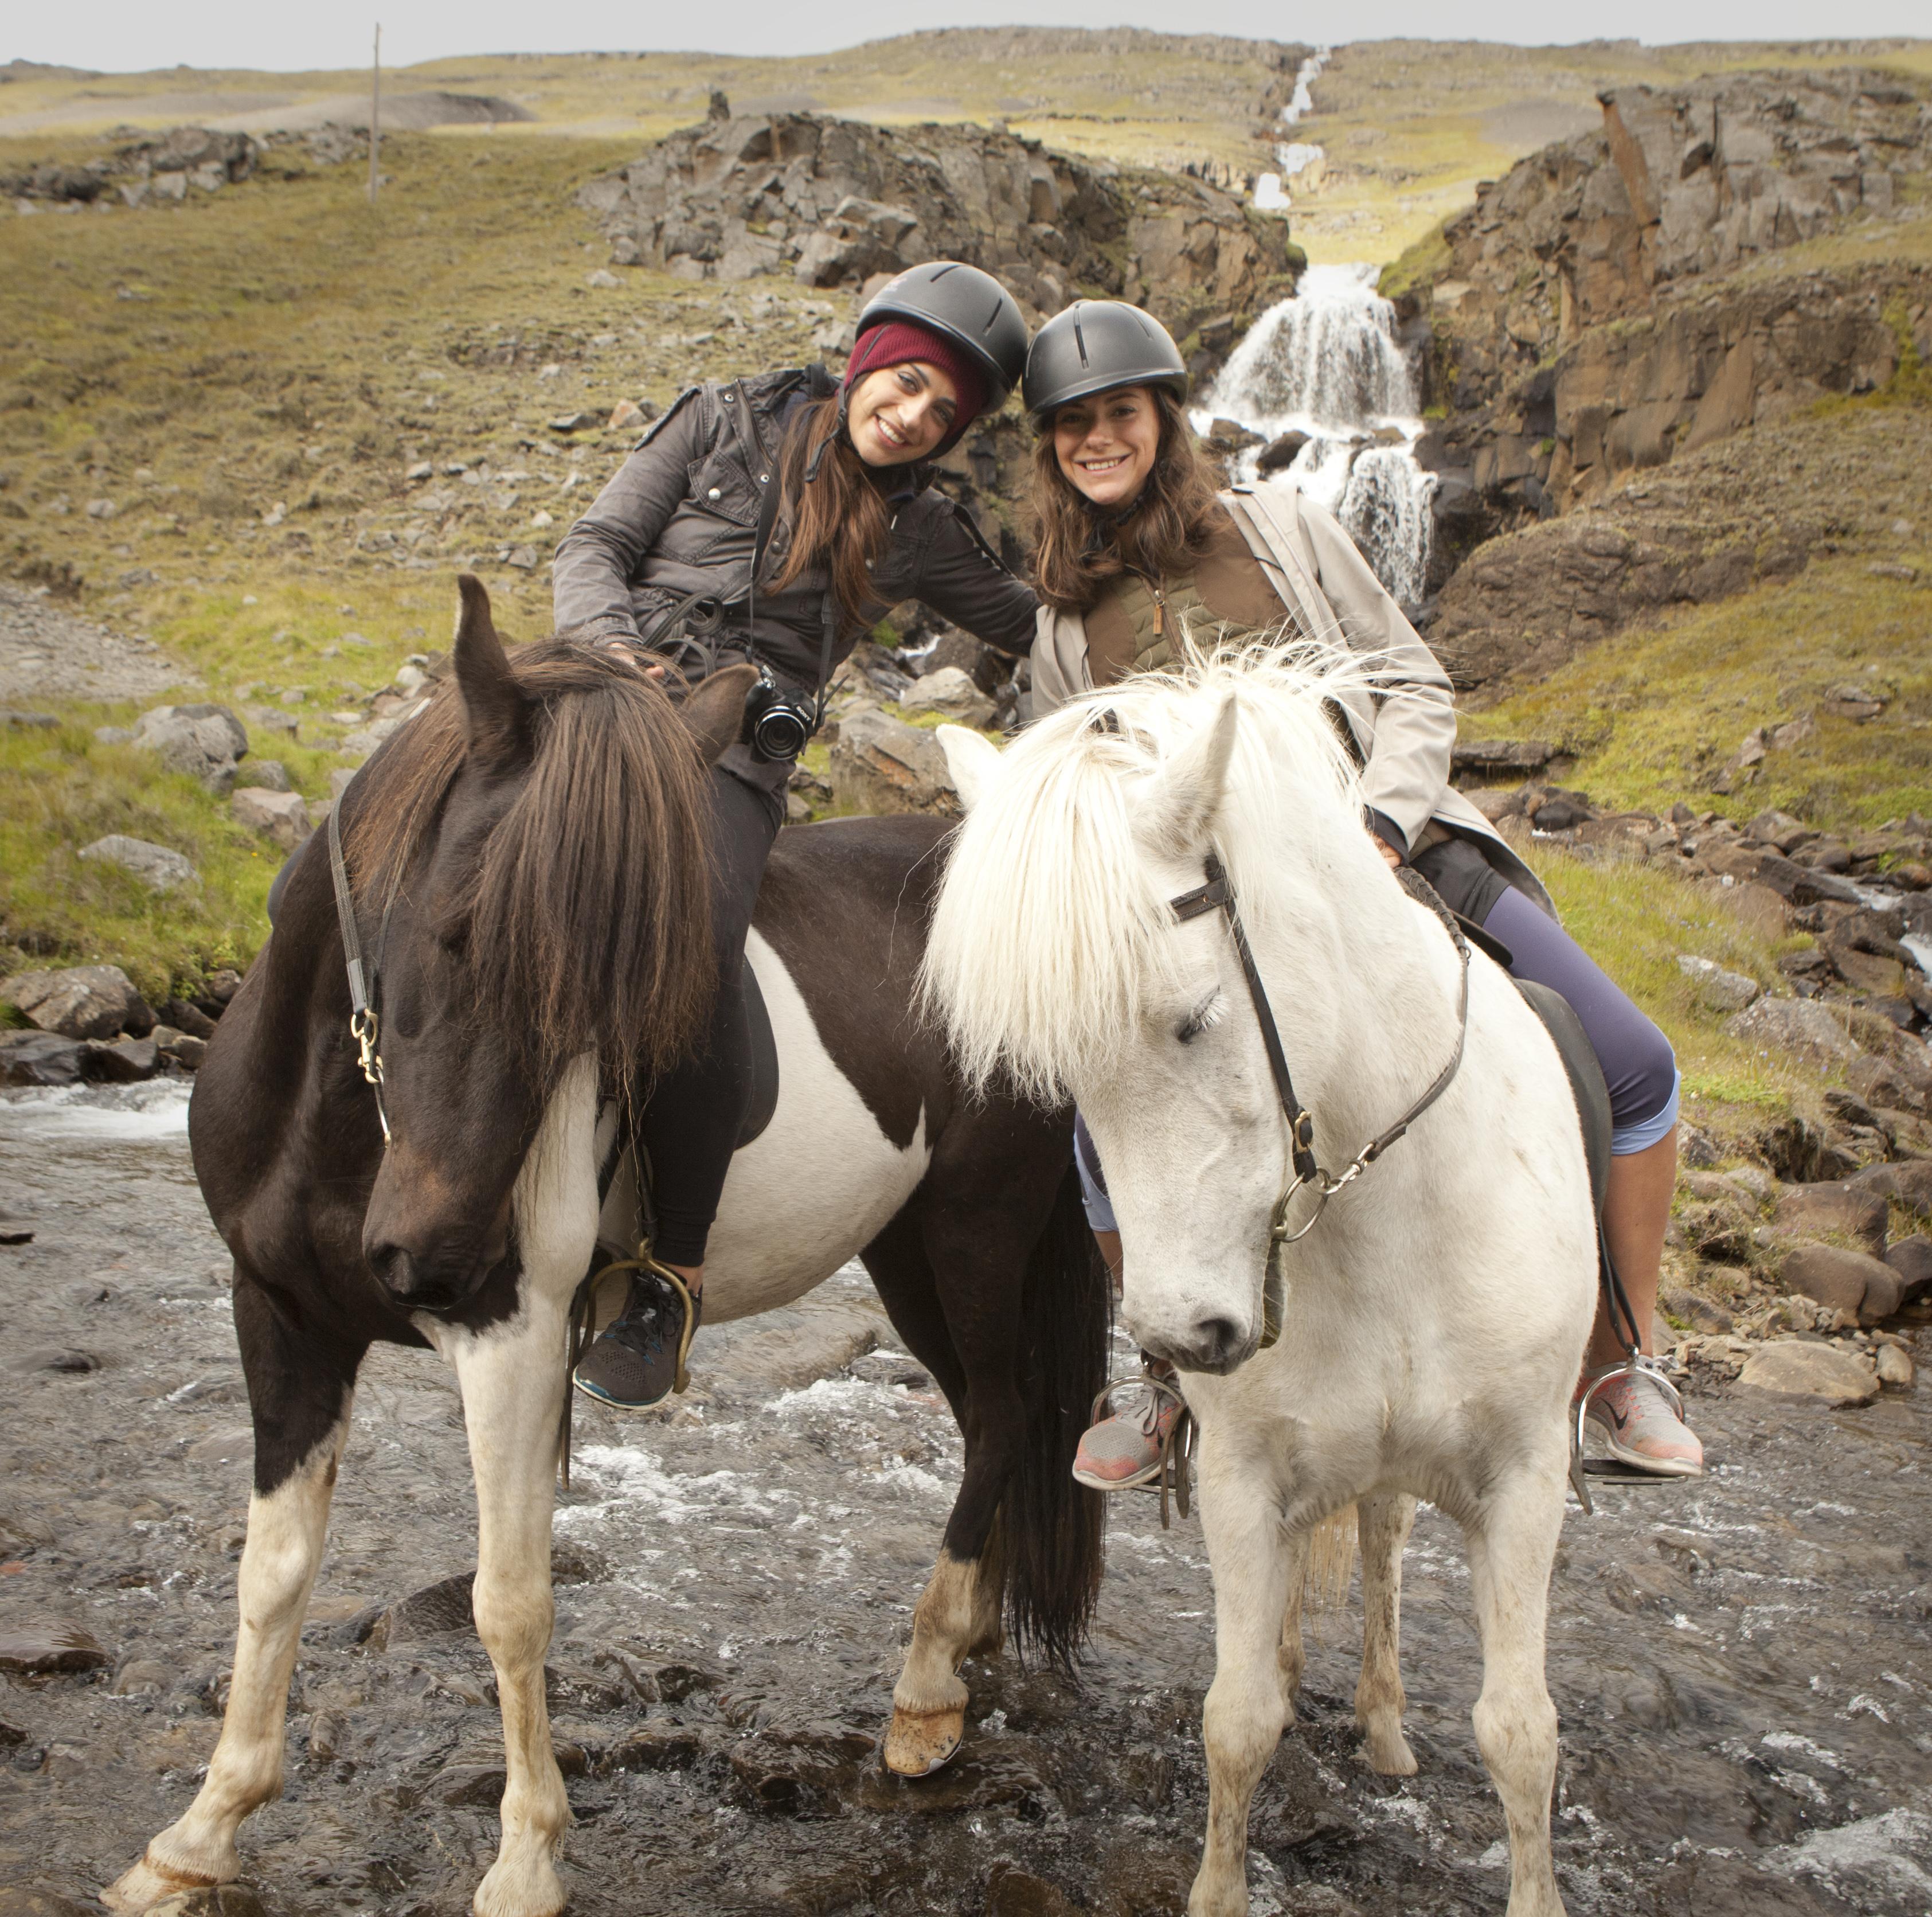 L'equitazione è una delle attività più famose in Islanda.